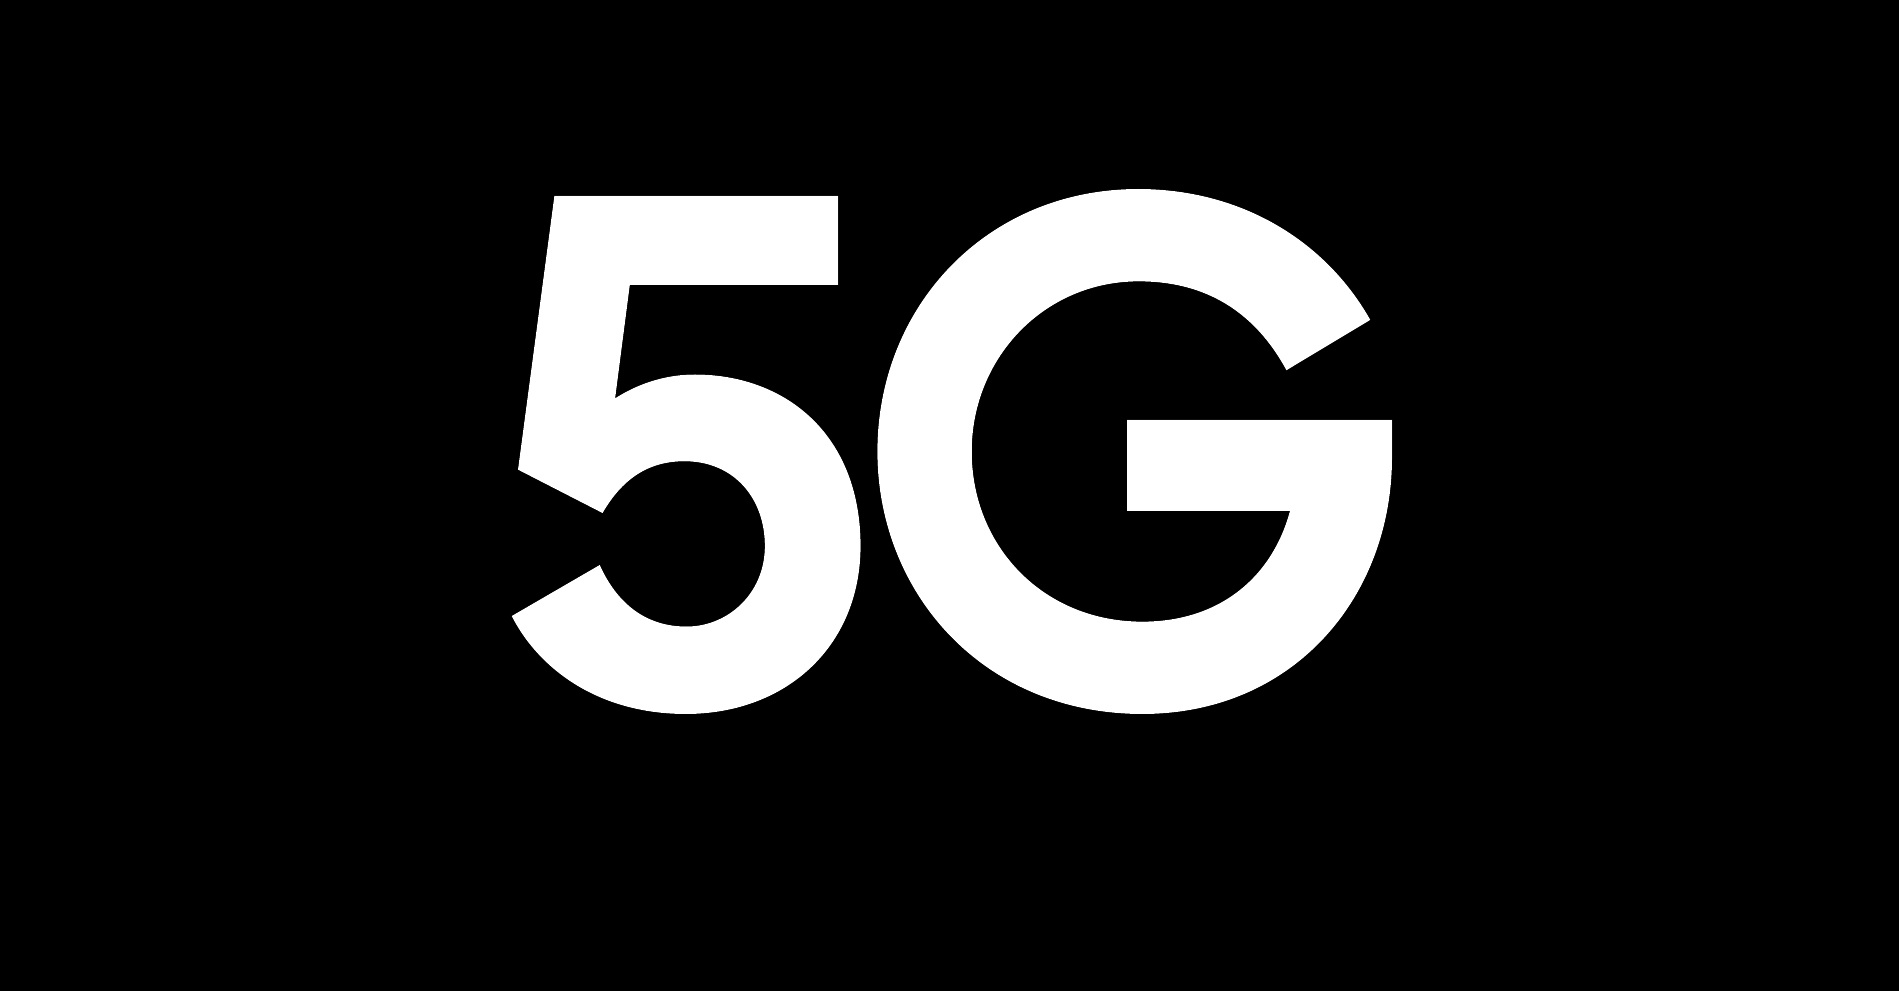 sieć 5G logo